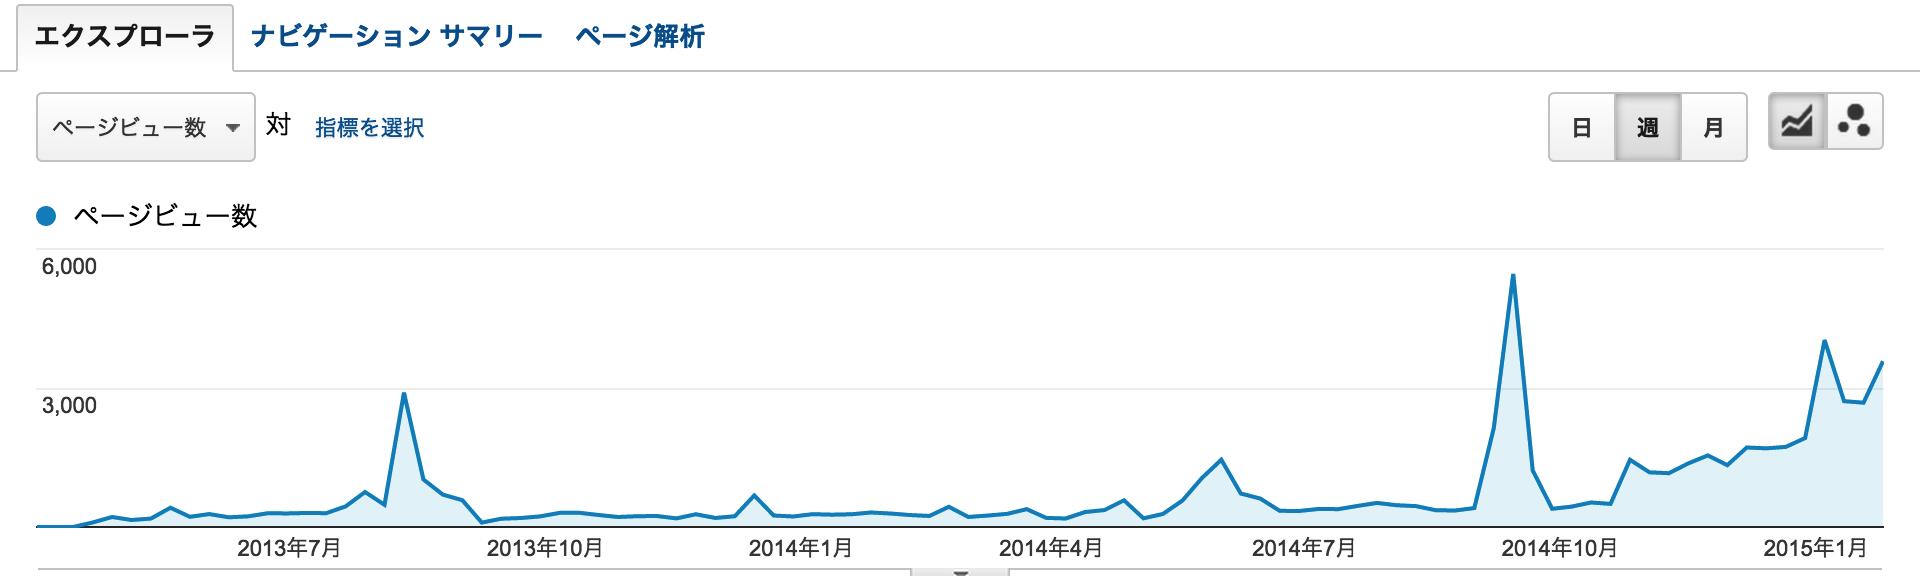 スクリーンショット 2015-02-04 17.38.19